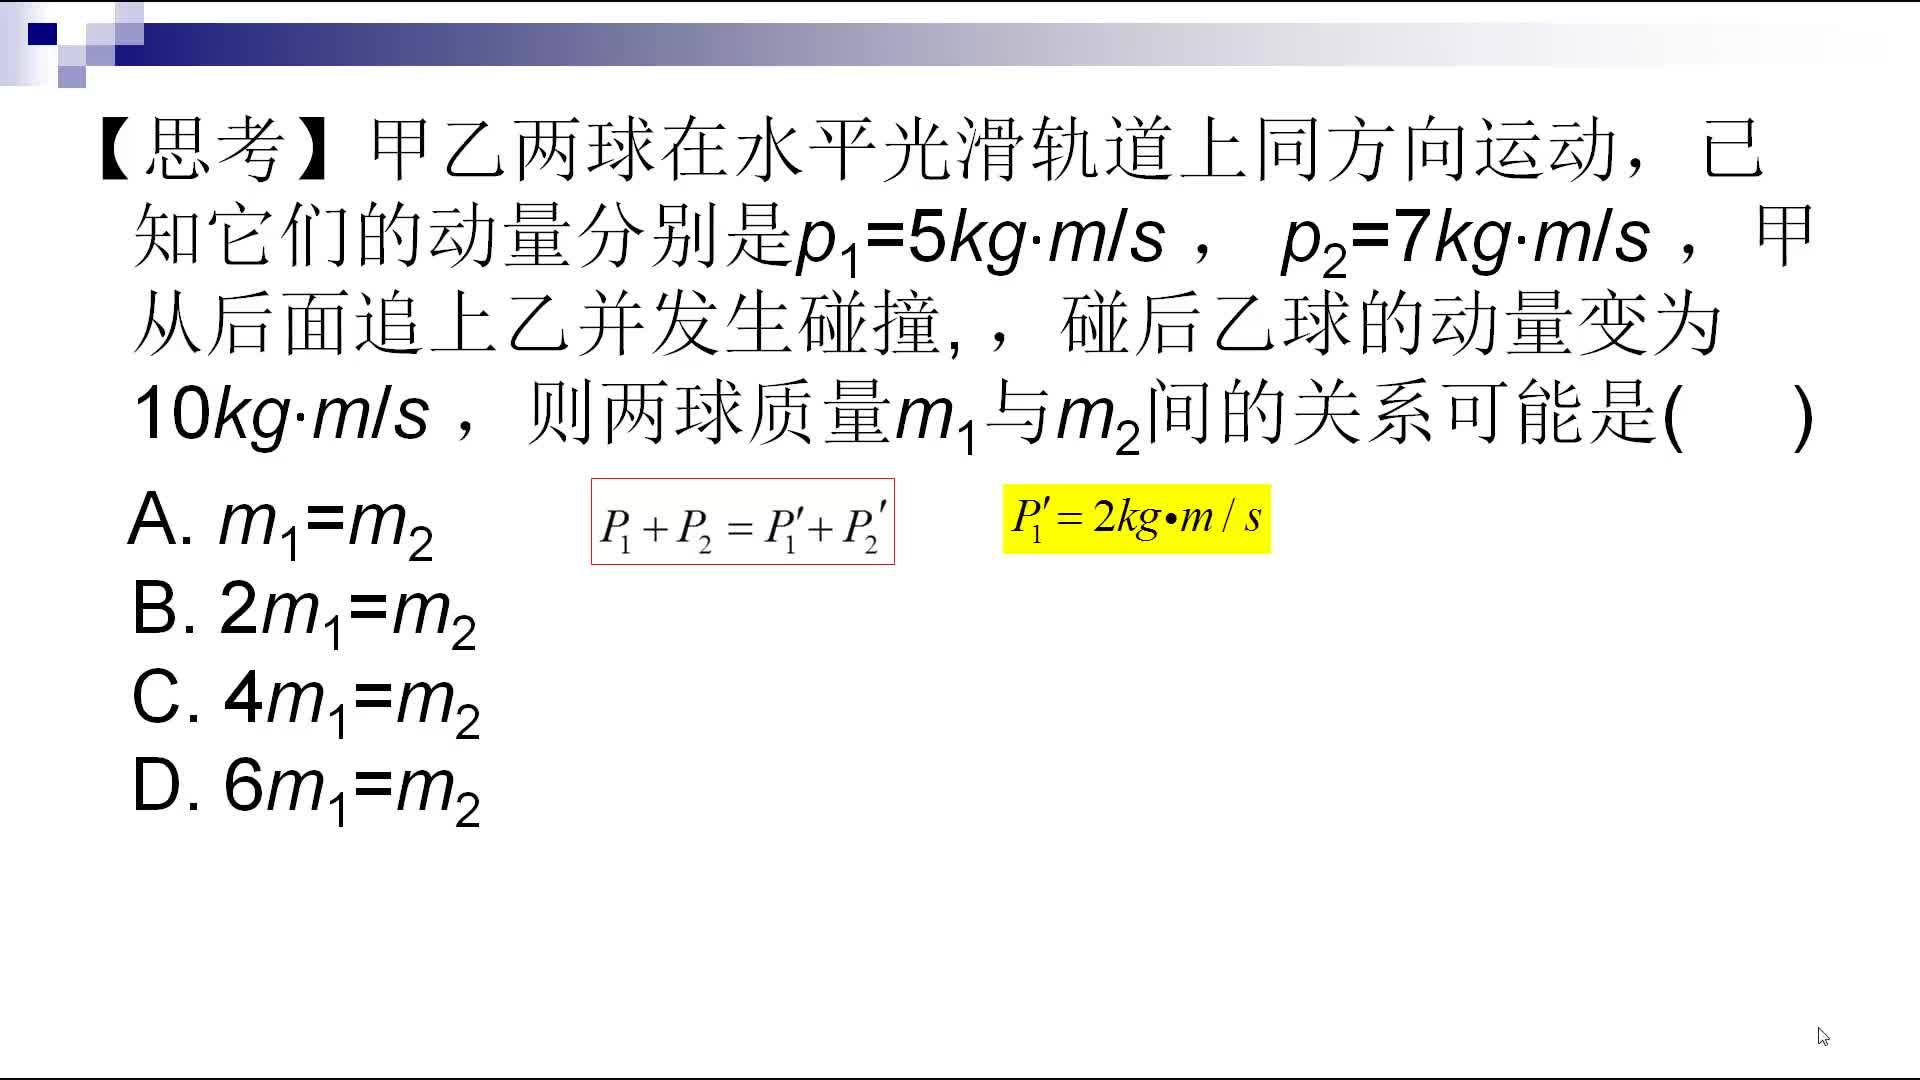 人教版高中物理3-5 第十六章《动量守恒定律》-碰撞中的规律(微课视频)